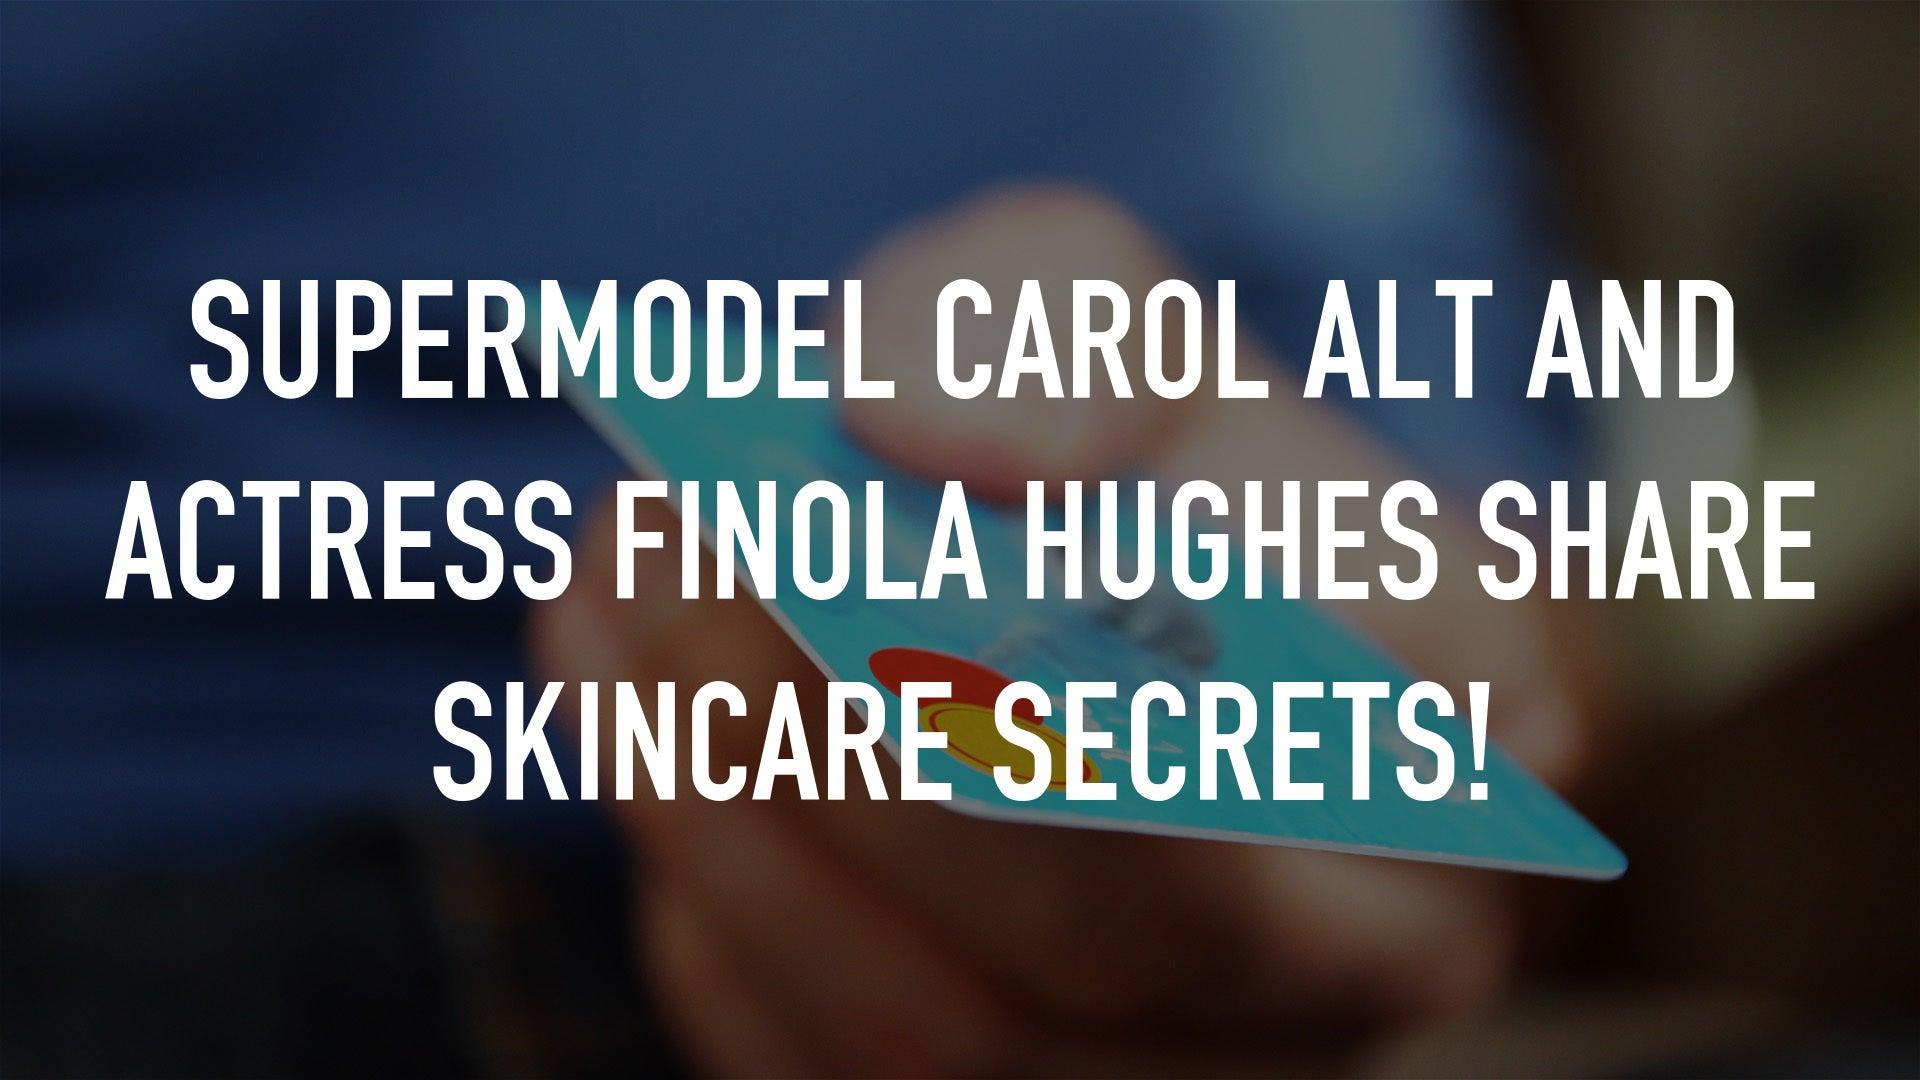 Supermodel Carol Alt and Actress Finola Hughes Share Skincare Secrets!